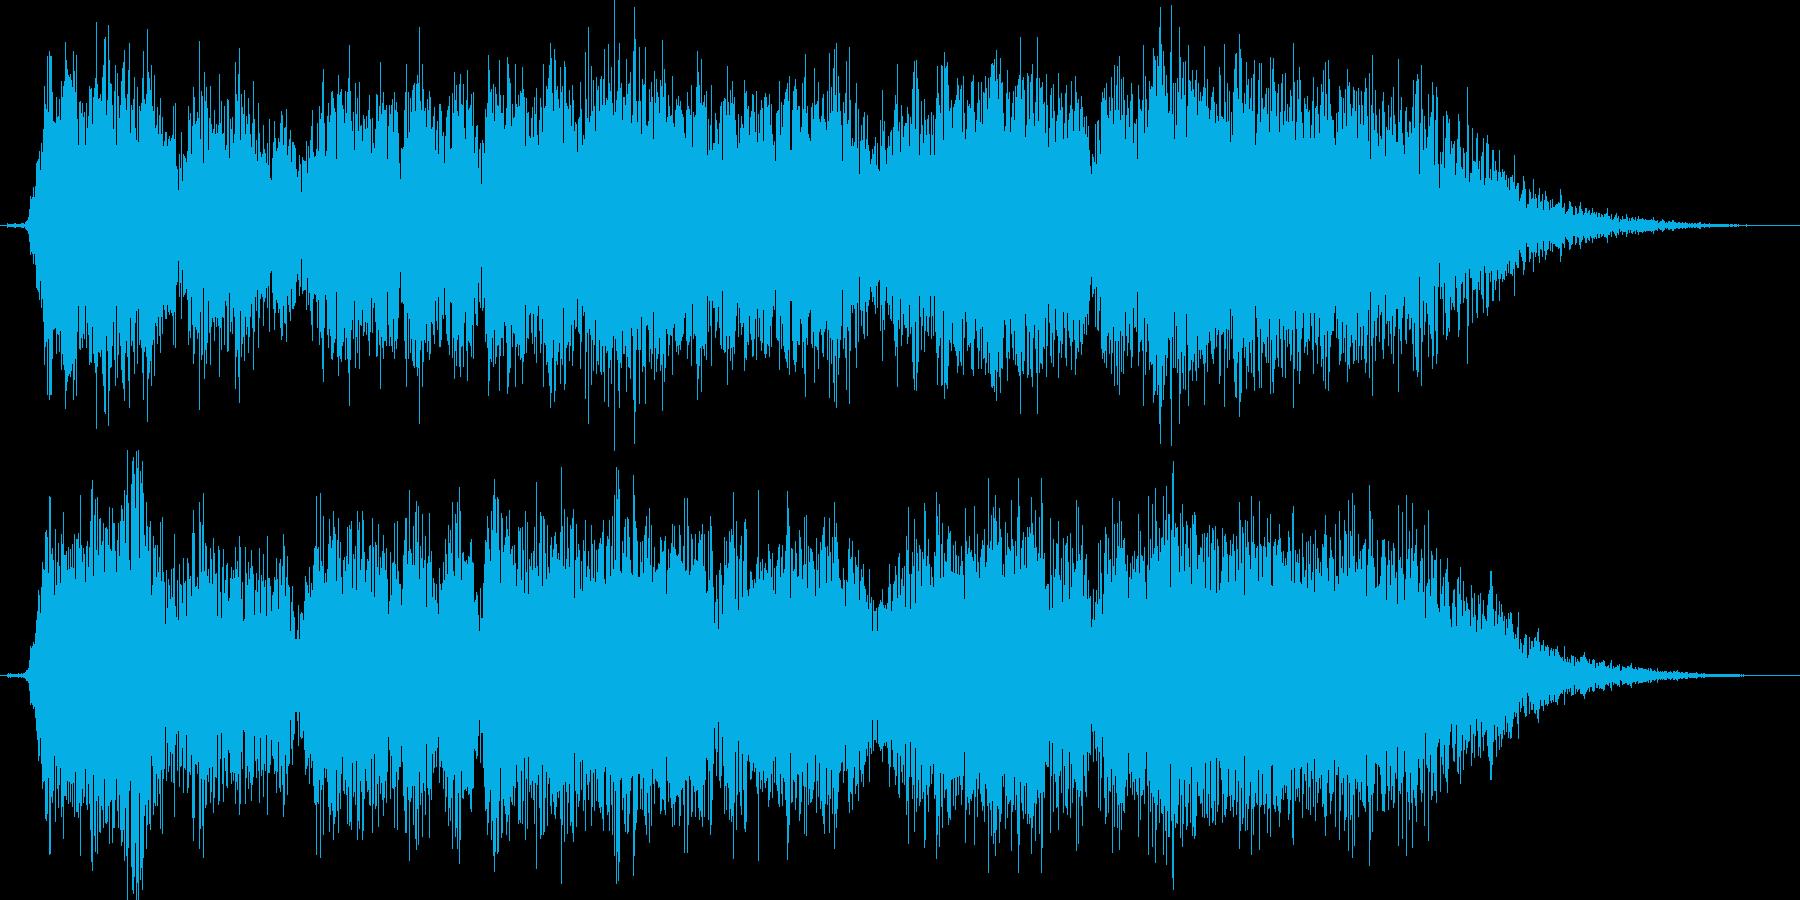 (暴れる声)の再生済みの波形